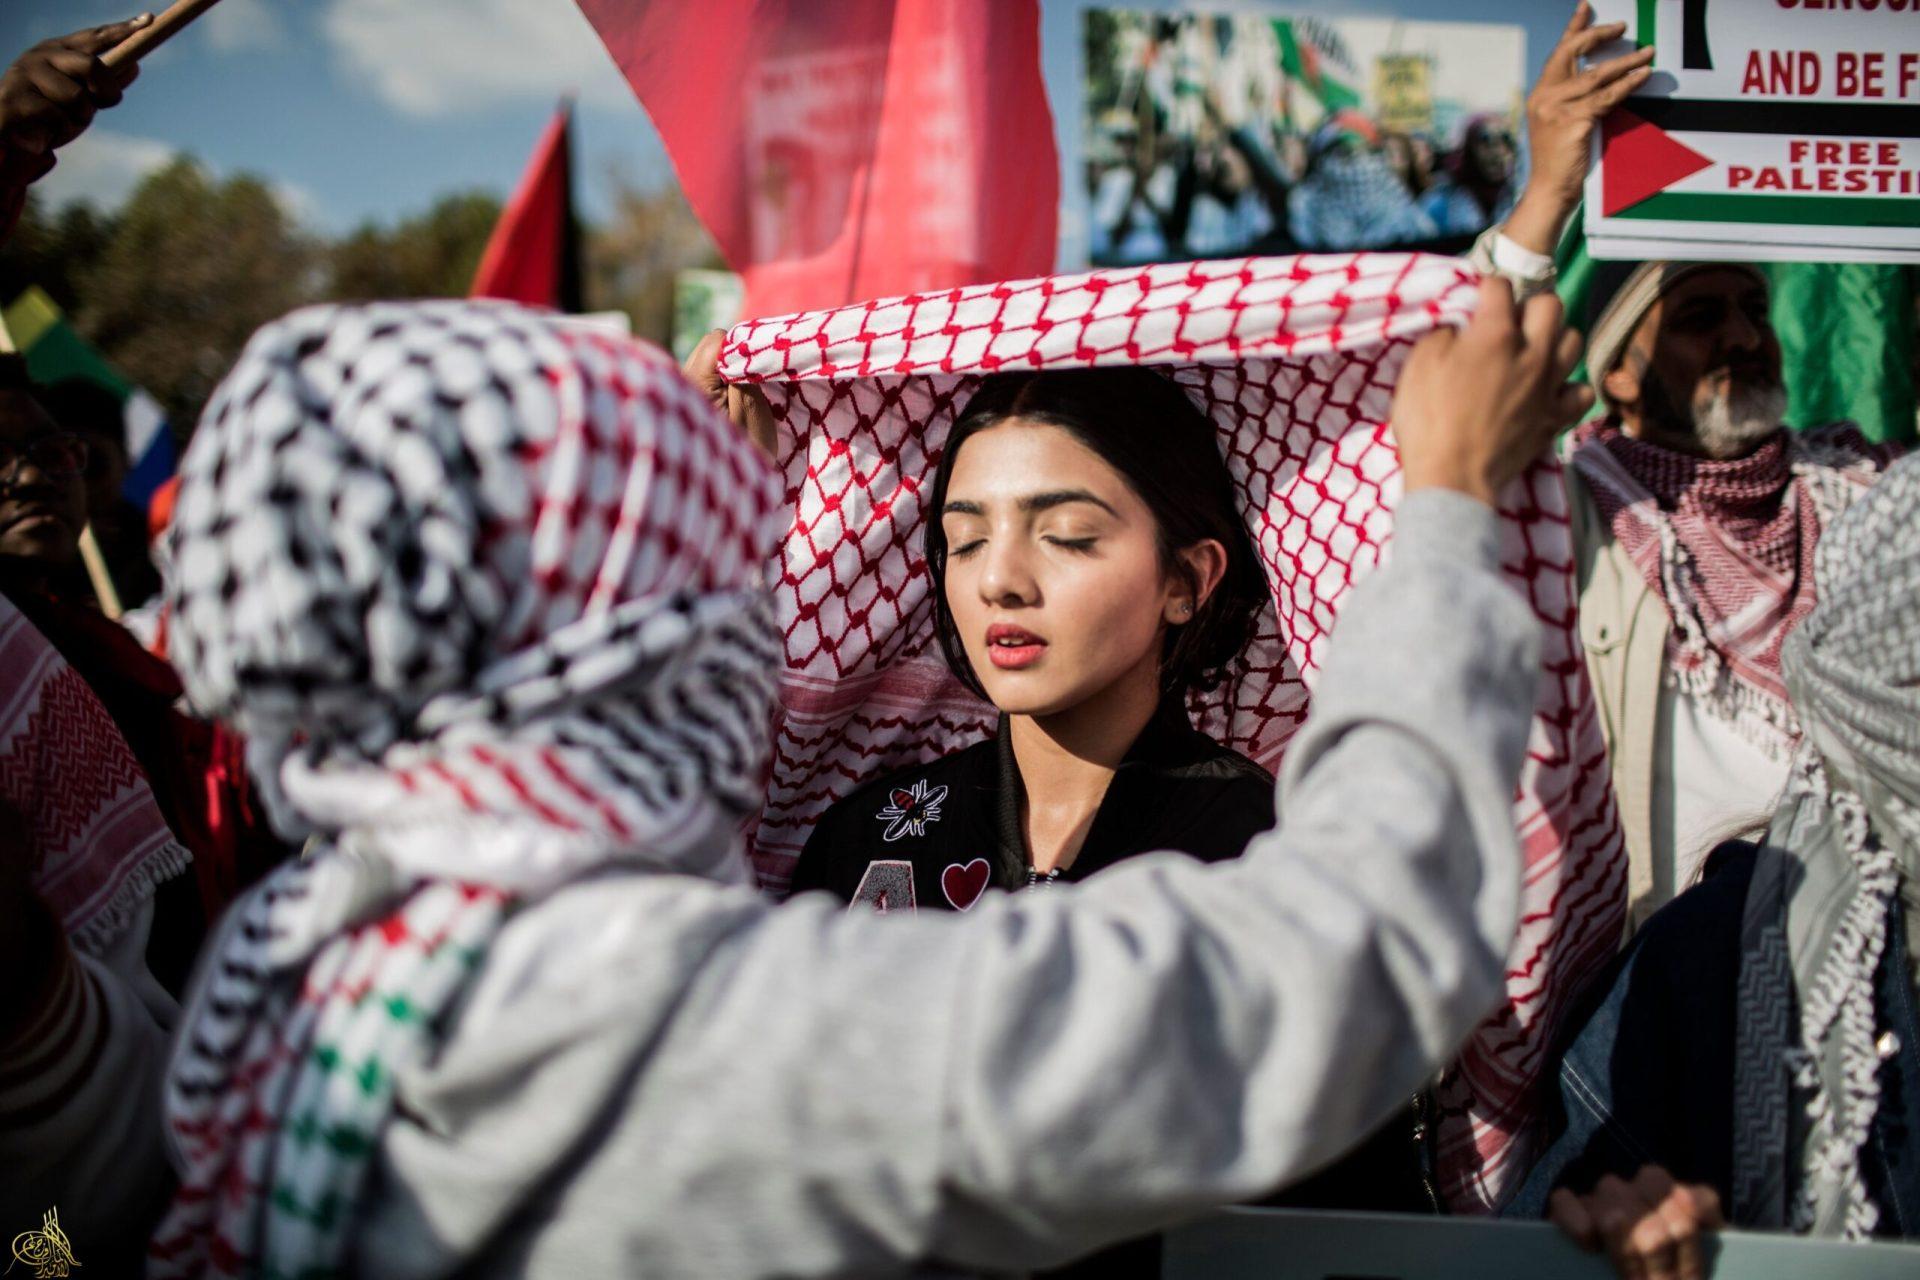 جوجل ويوتيوب يحاربان الفلسطينيين والكوفية